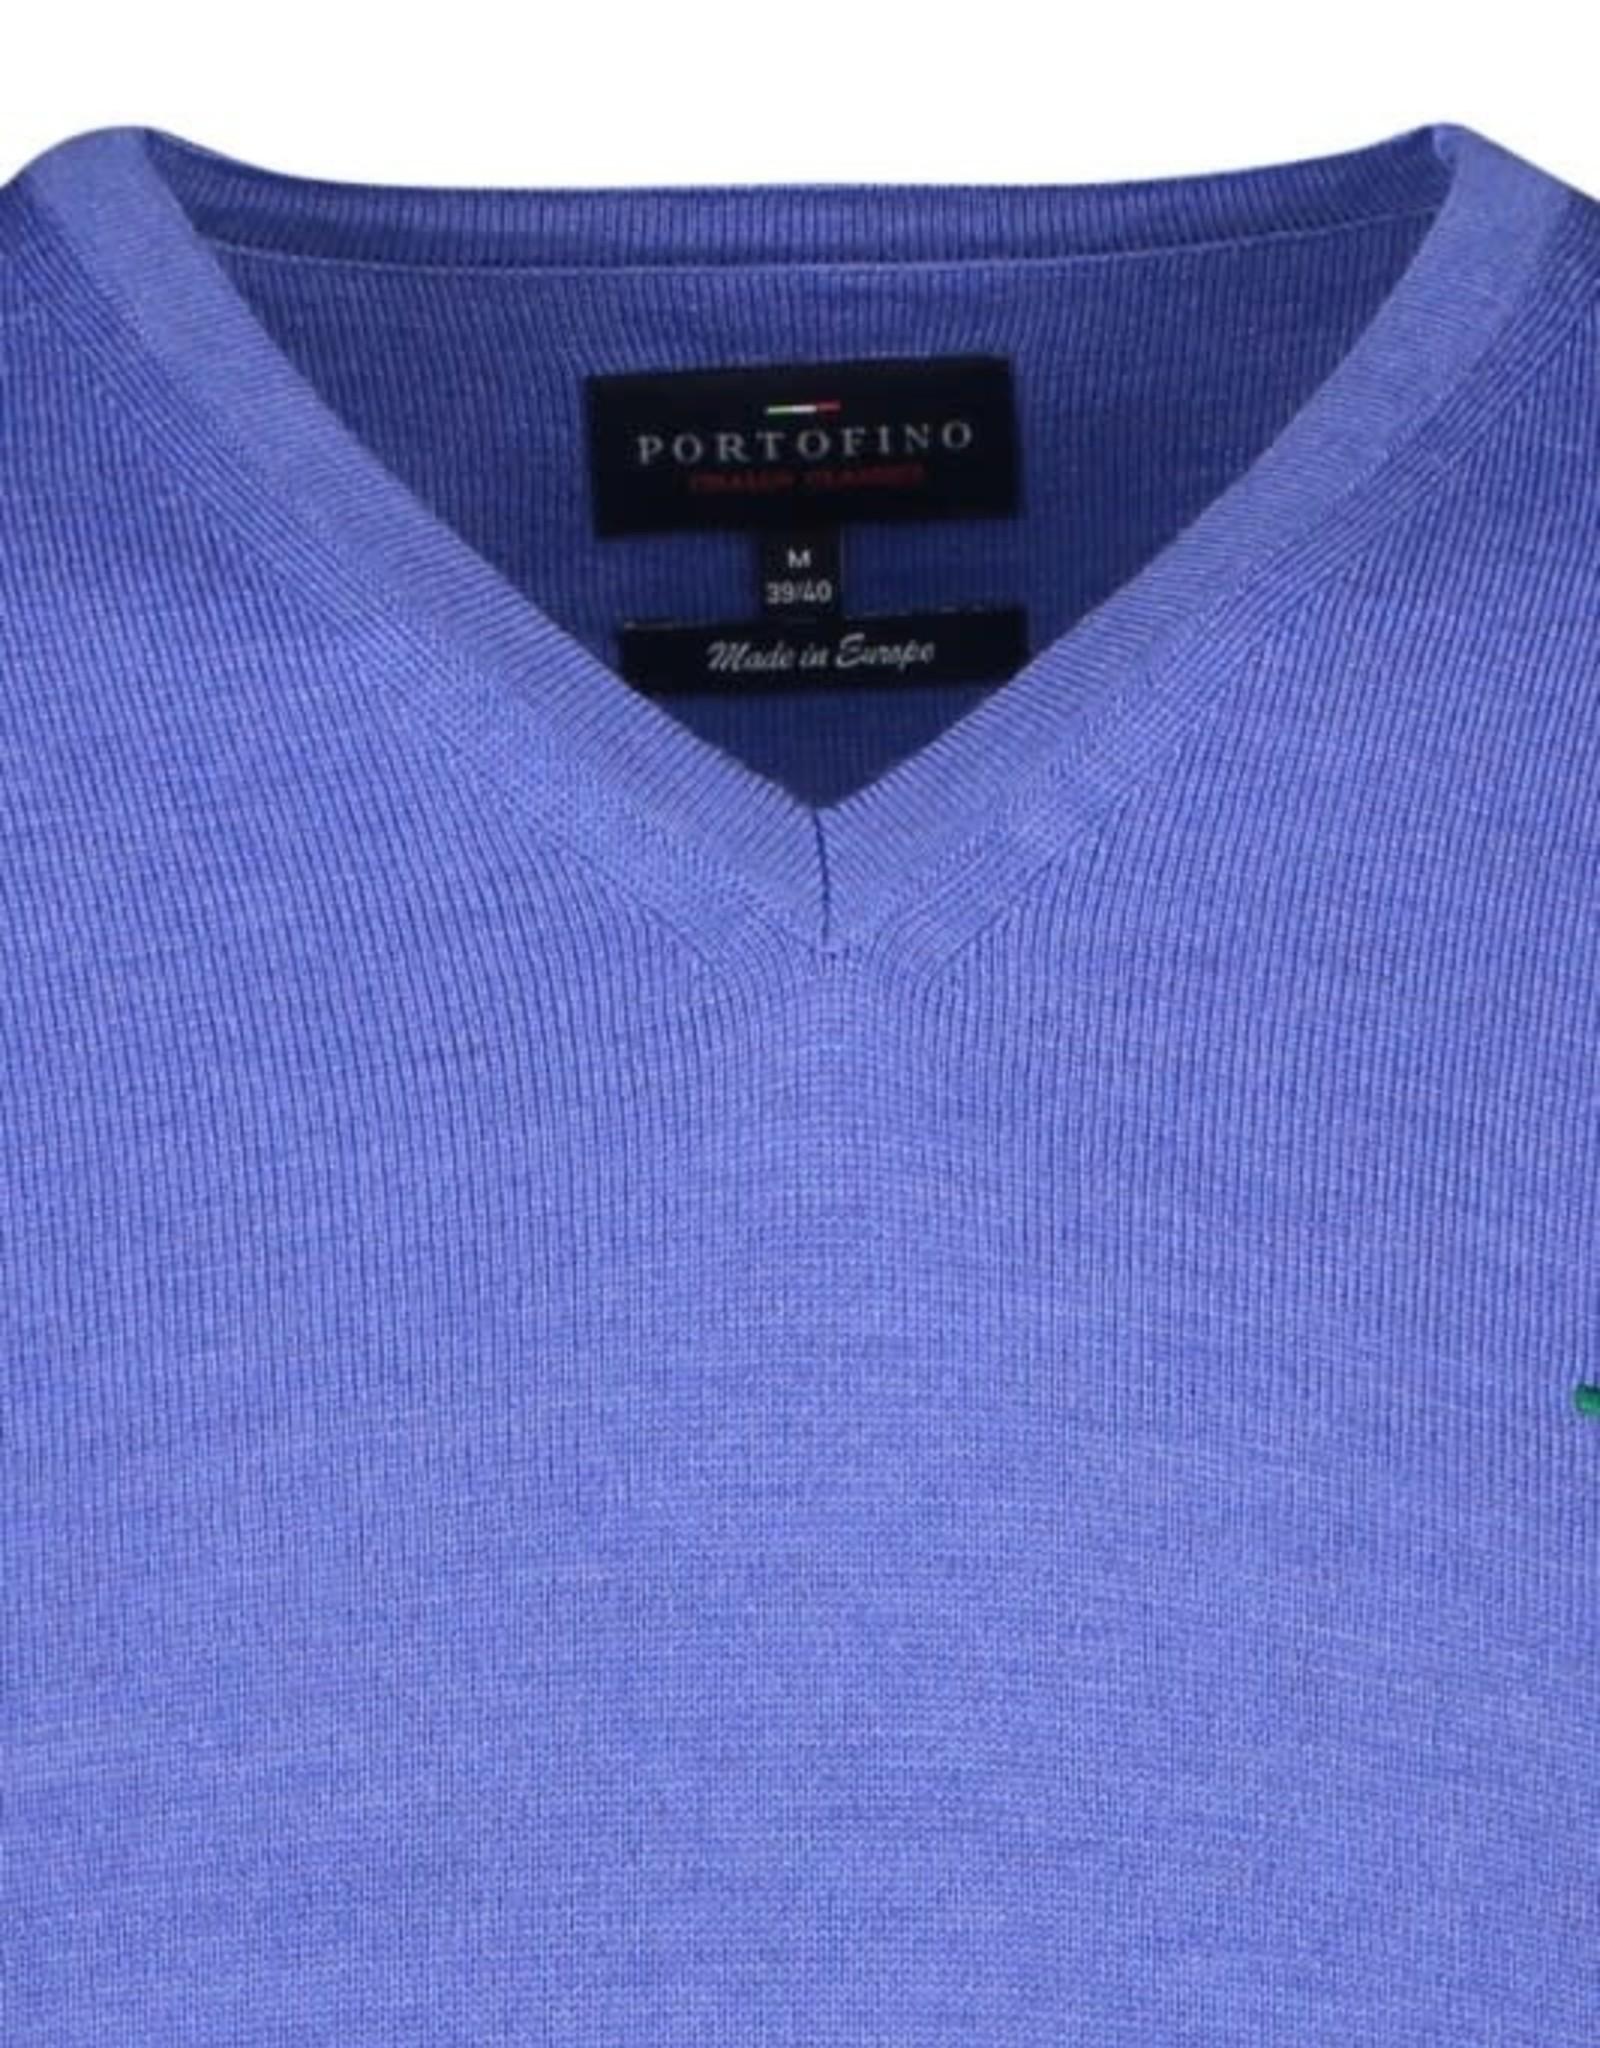 Portofino pullover merino v-hals blauw